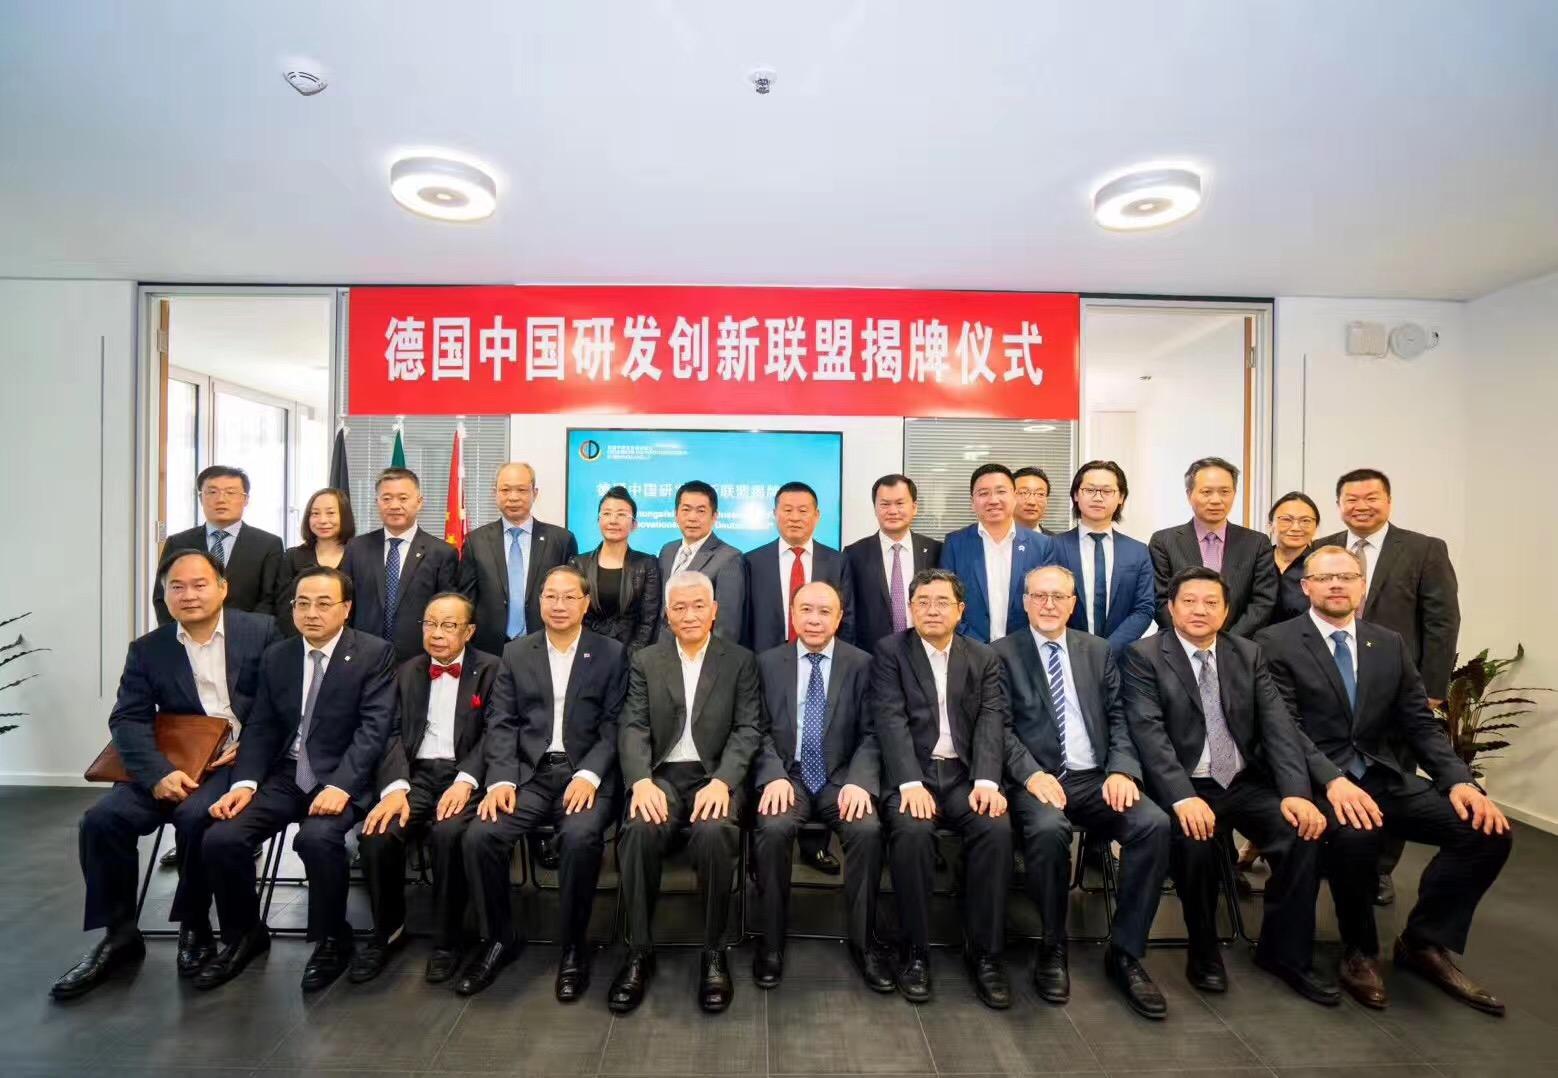 7月8日  作为十家发起企业之一,董事长应邀出席在柏林举行的德国中国研发创新联盟揭牌仪式